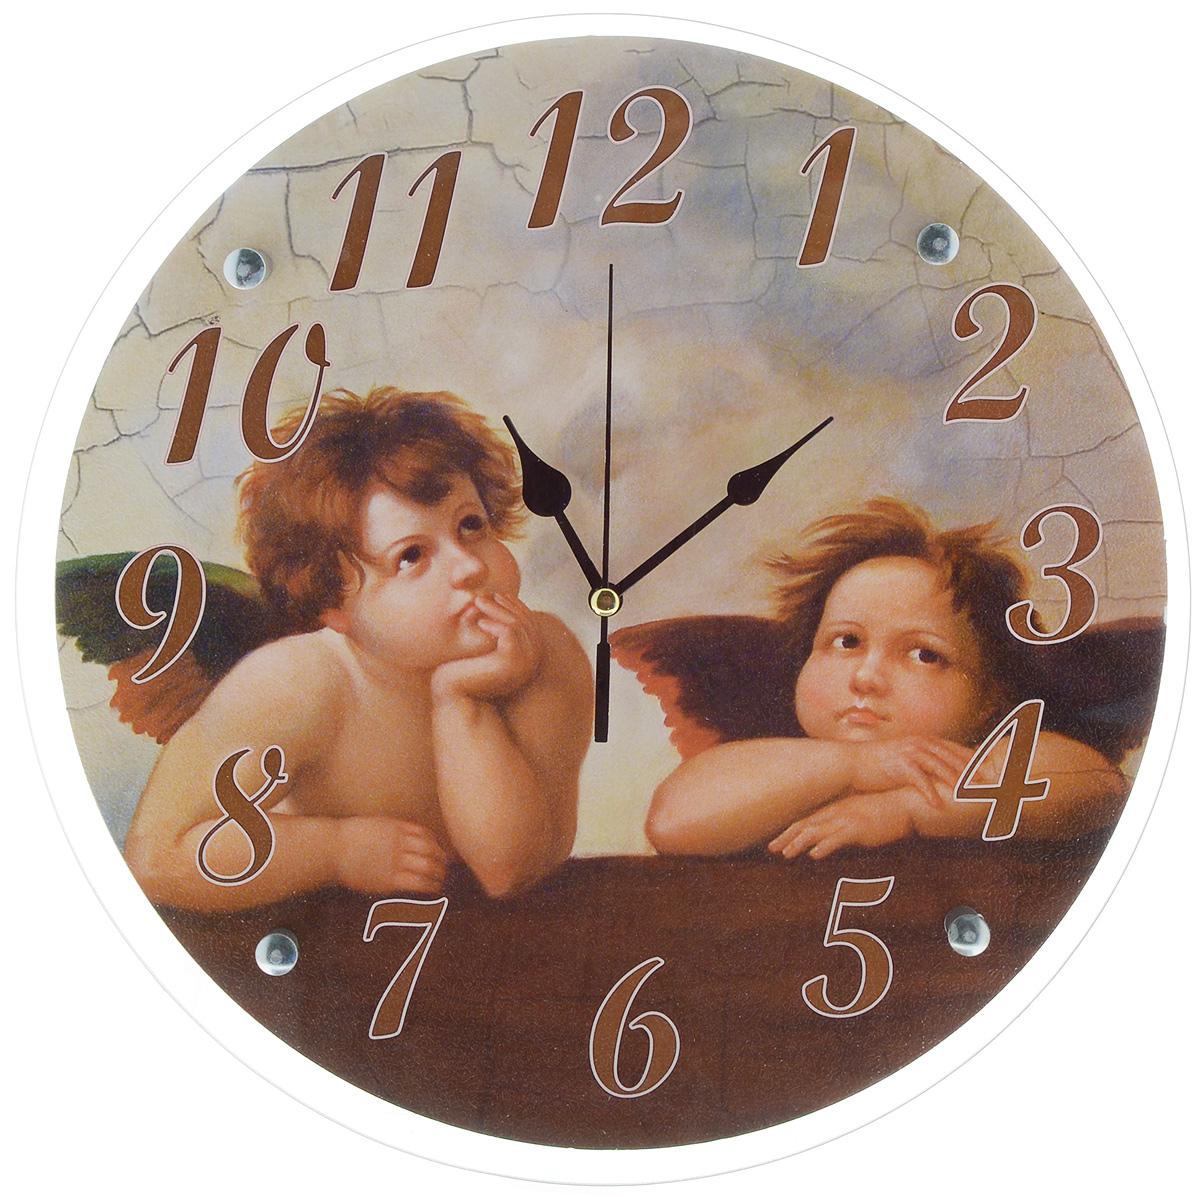 Часы настенные Proffi Home Купидоны, диаметр 33 смВ892Настенные кварцевые часы Proffi Home Купидоны, изготовленные из ДВП и стекла, прекрасно подойдут под интерьер вашего дома. Круглые часы имеют три стрелки: часовую, минутную и секундную. Часы оснащены металлической планкой для подвешивания. Диаметр часов: 33 см. Часы работают от 1 батарейки типа АА напряжением 1,5 В. Батарейка в комплект не входит.